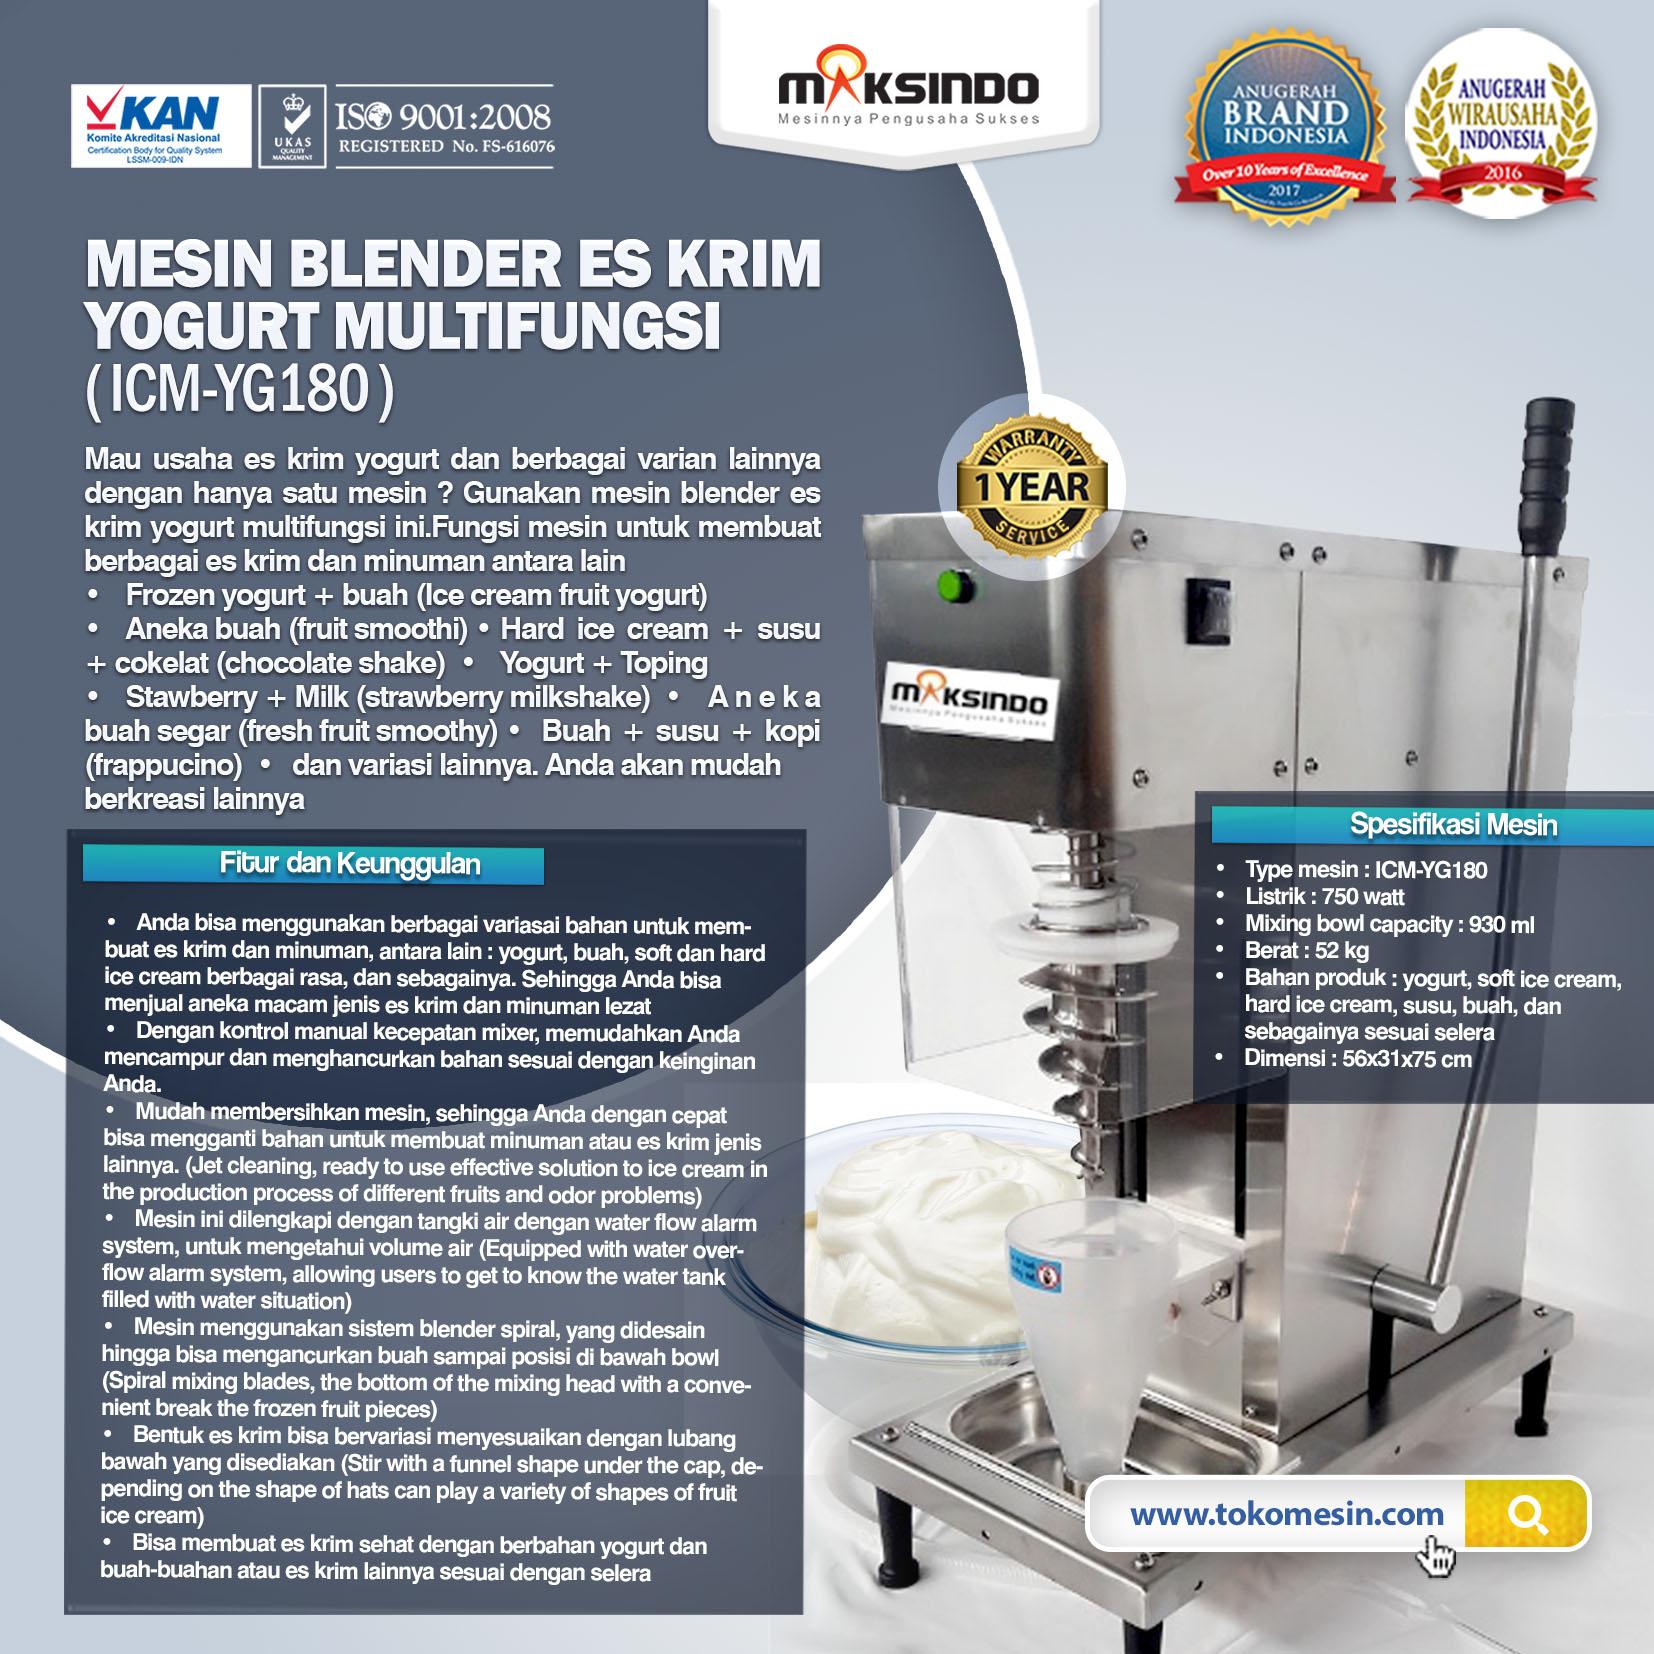 Jual Mesin Blender Es Krim Yogurt Multifungsi di Bogor ...